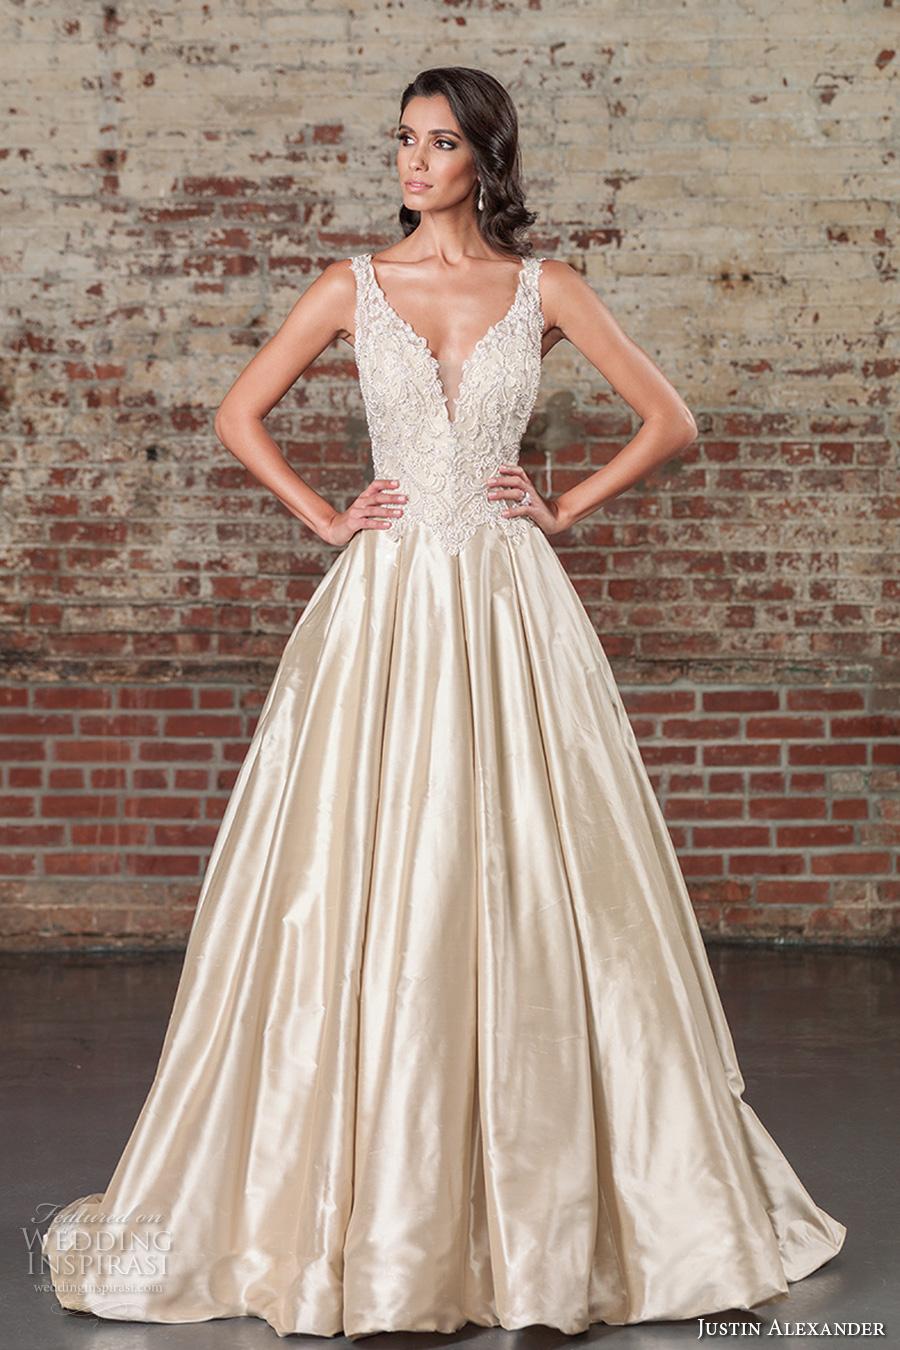 Justin Alexander A Line Wedding Dress